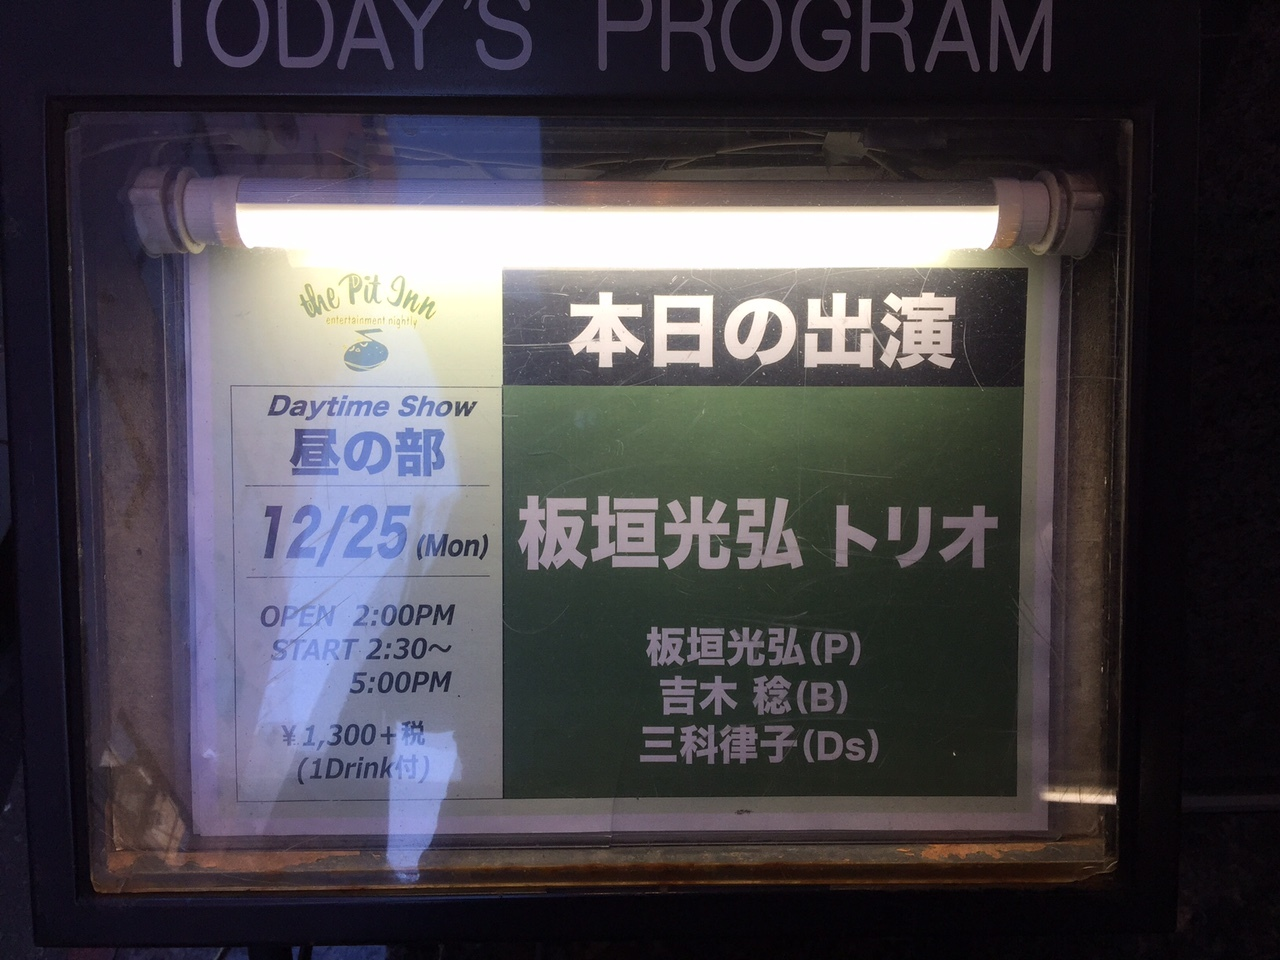 ありがとうございました:12/25(月)@新宿【Pit Inn】昼_d0003502_15104462.jpg